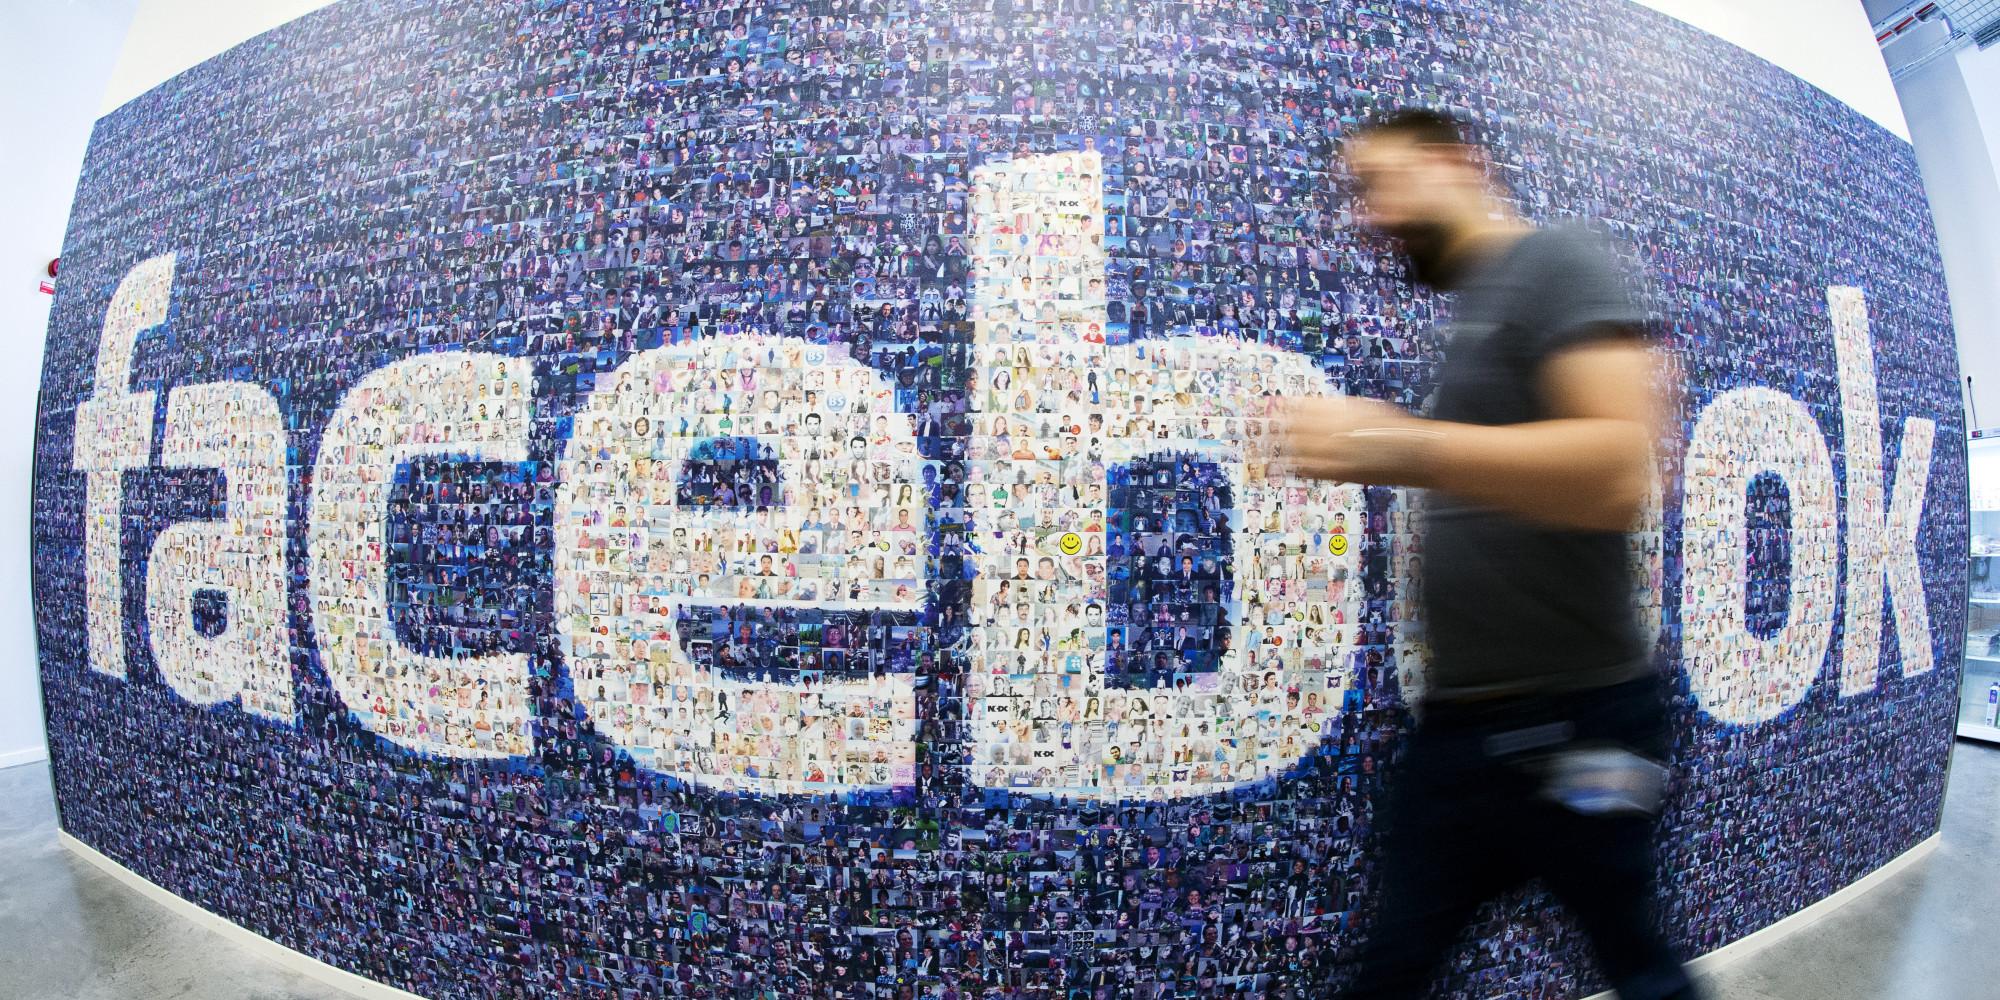 Facebook bude nabízet více video obsahu